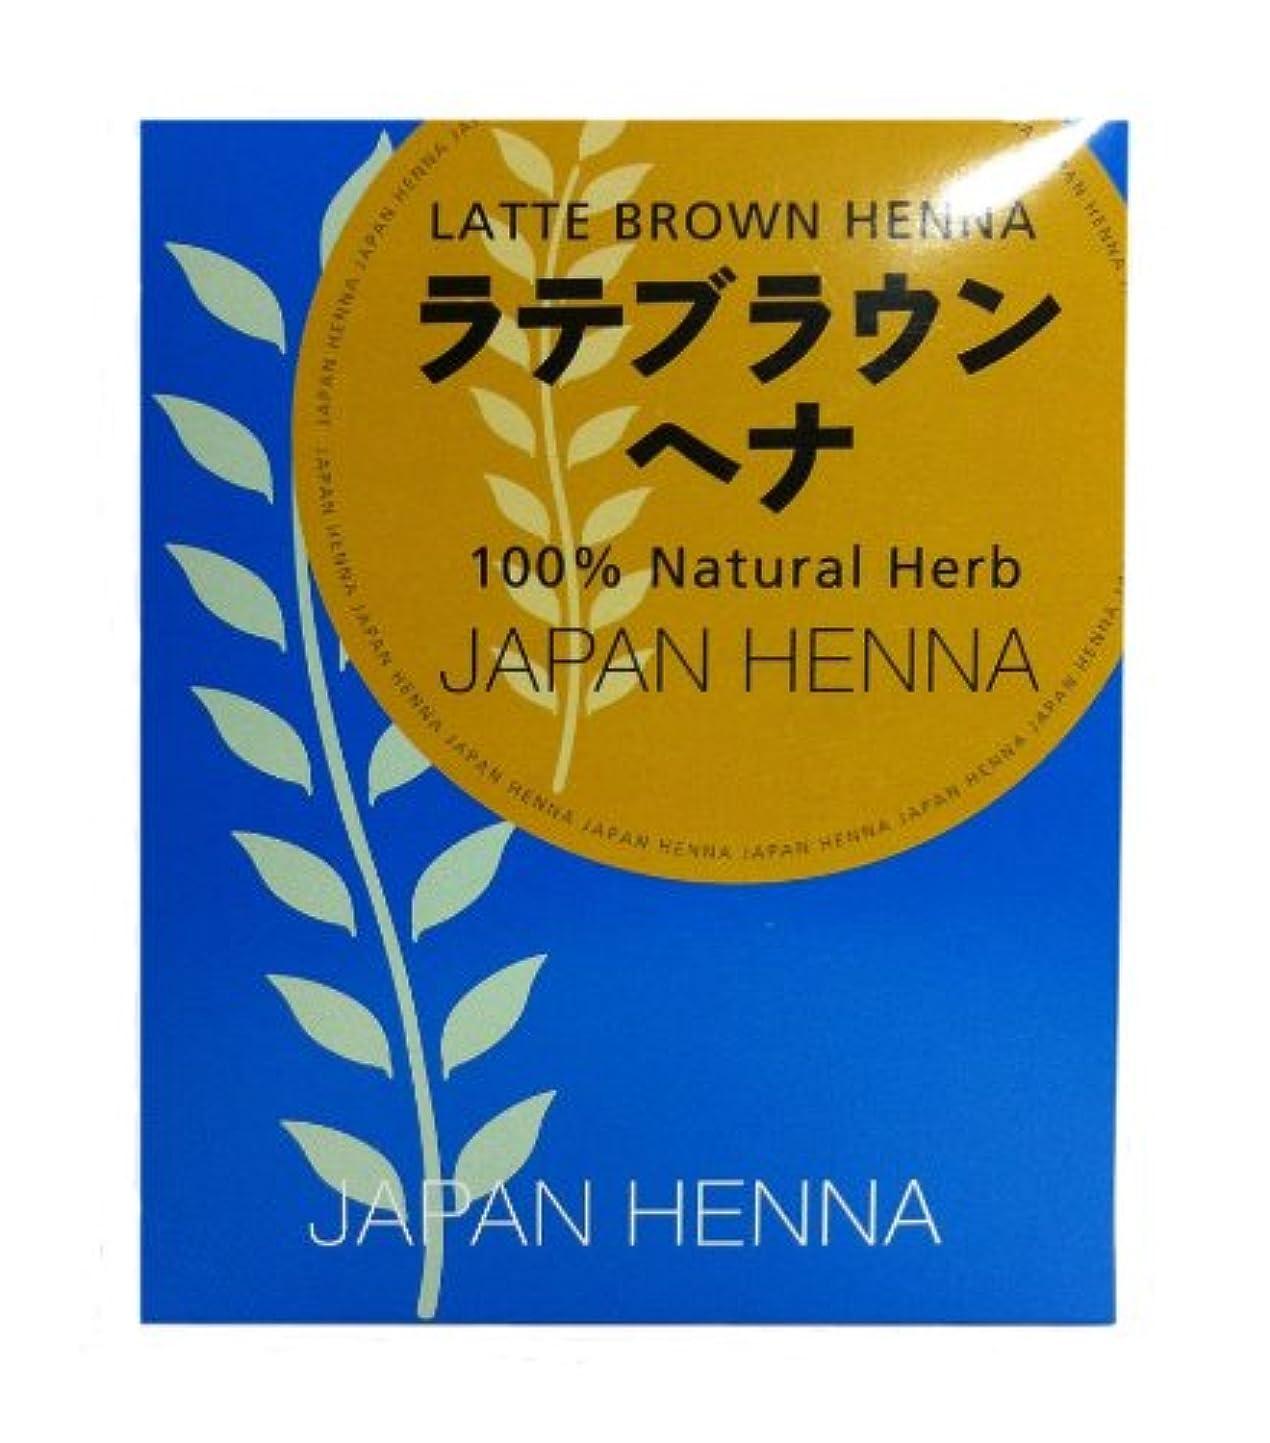 ドルグリップお風呂を持っているジャパンヘナ 天然100% ヘナパウダー ラテブラウン 100g 手袋入り B-10 白髪染め